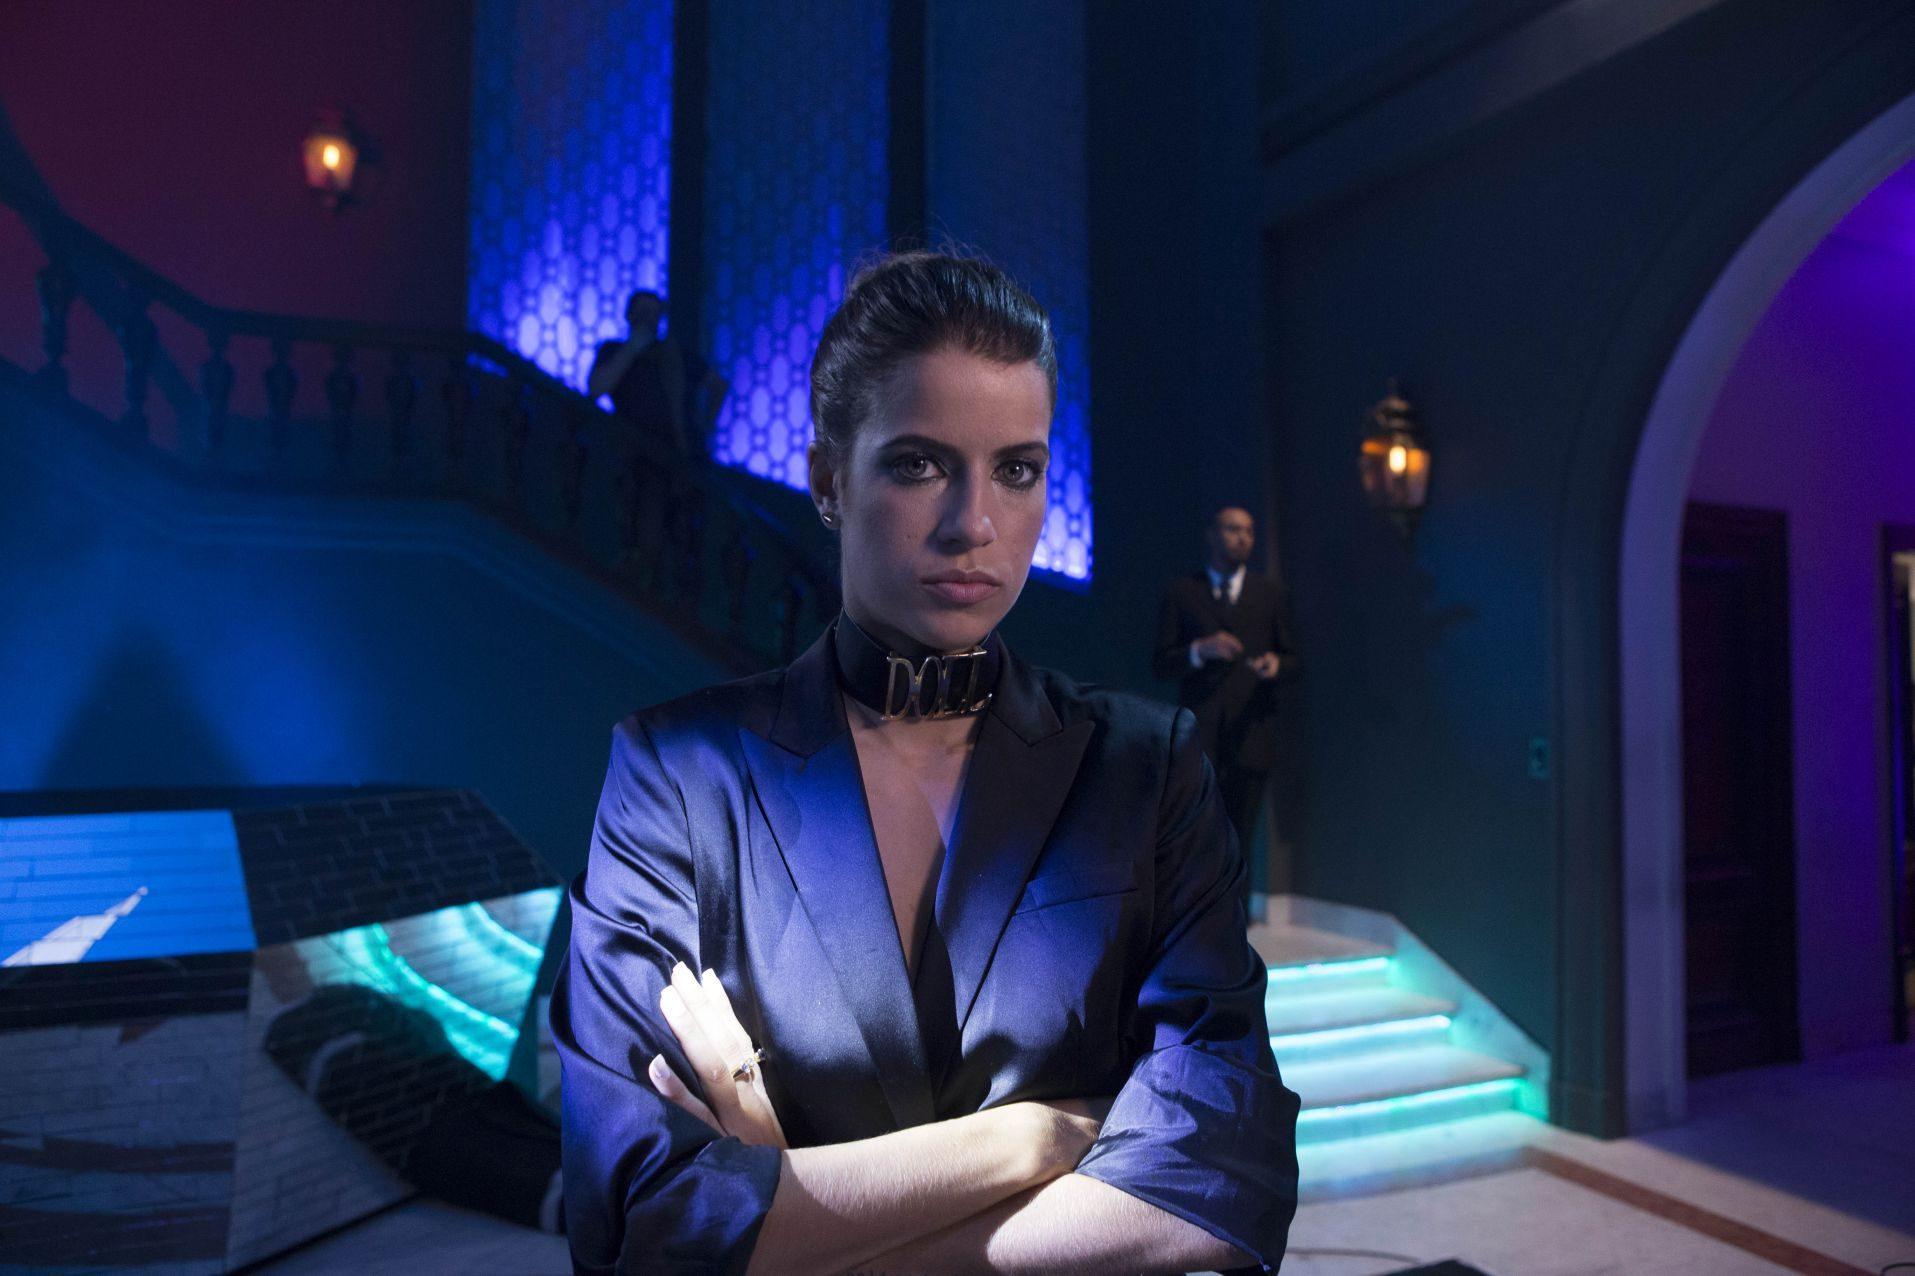 FOX Premium - #LlamameBruna 2 - María Bopp es Bruna (3)